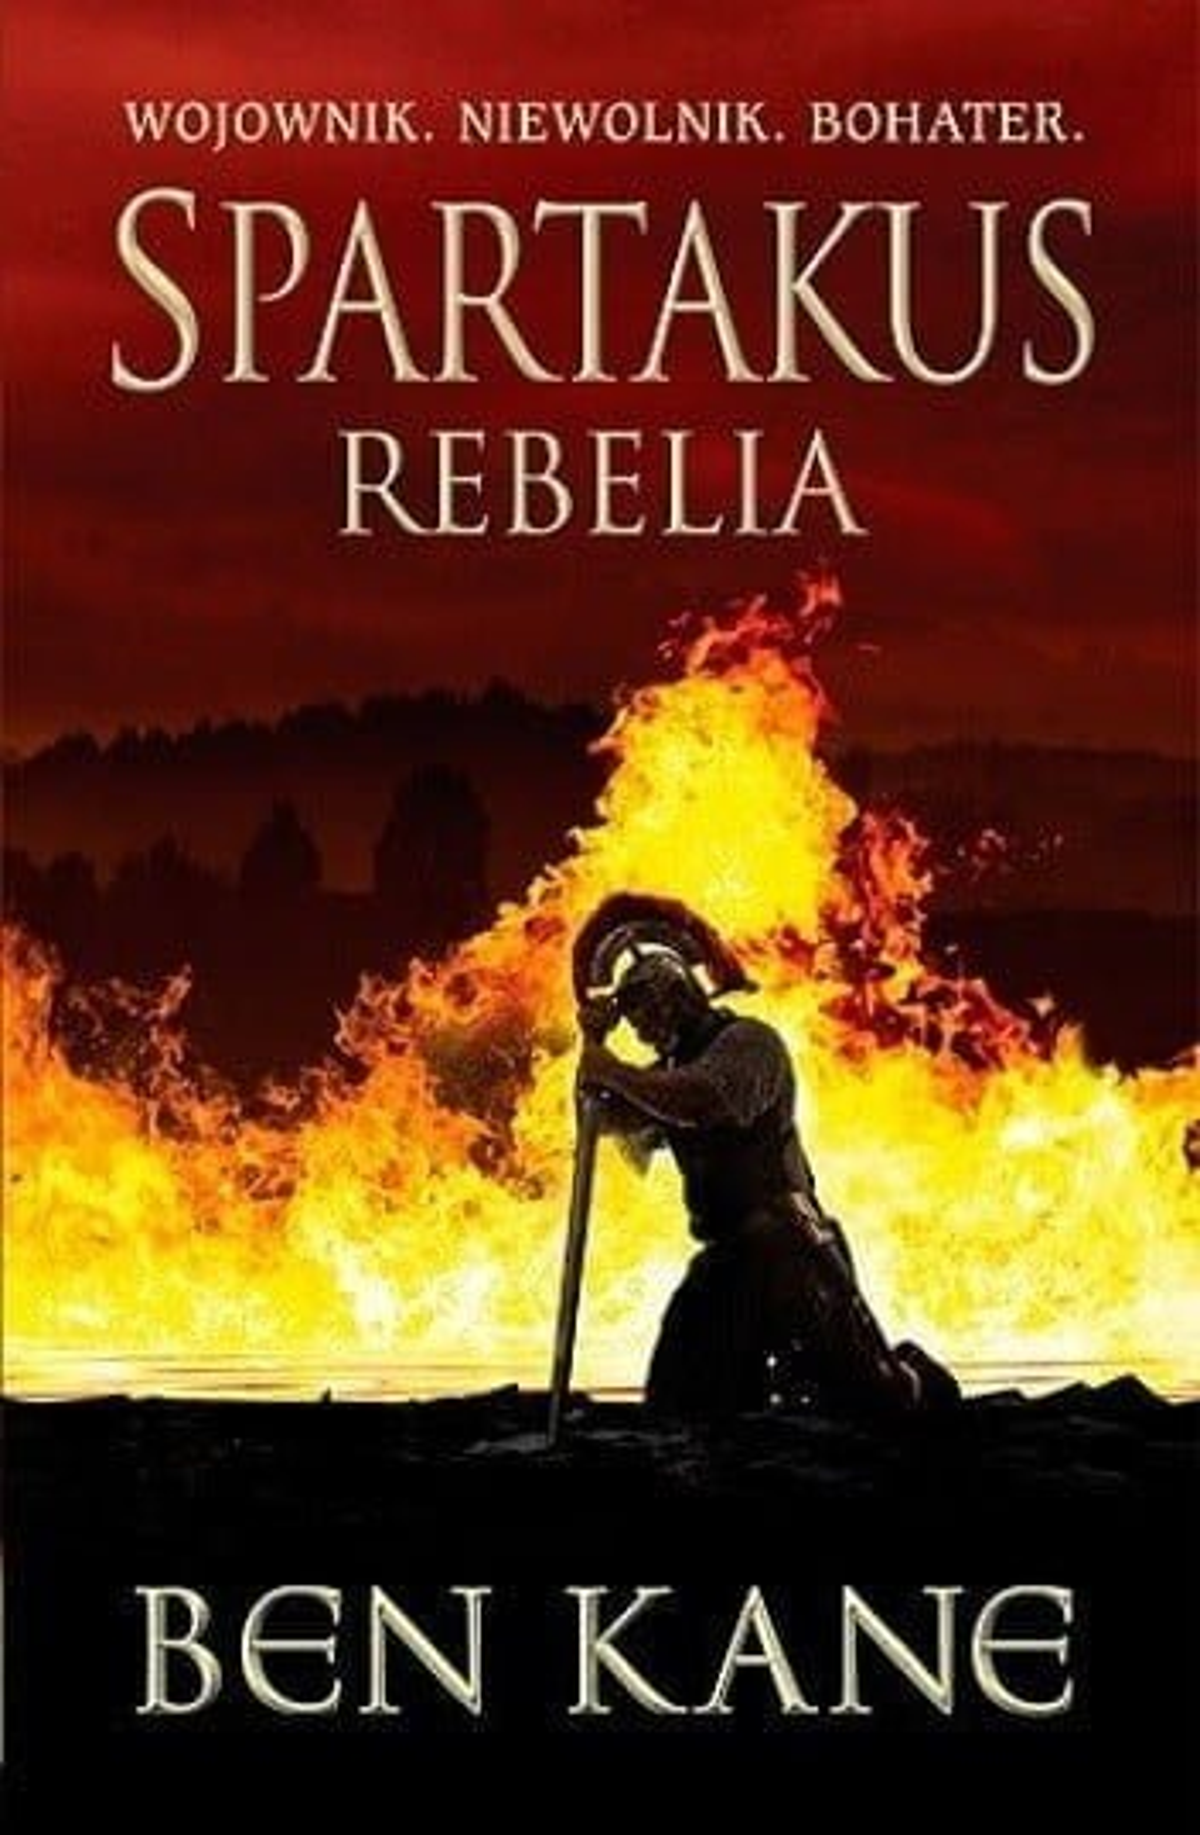 Ben Kane, Spartakus. Rebelia